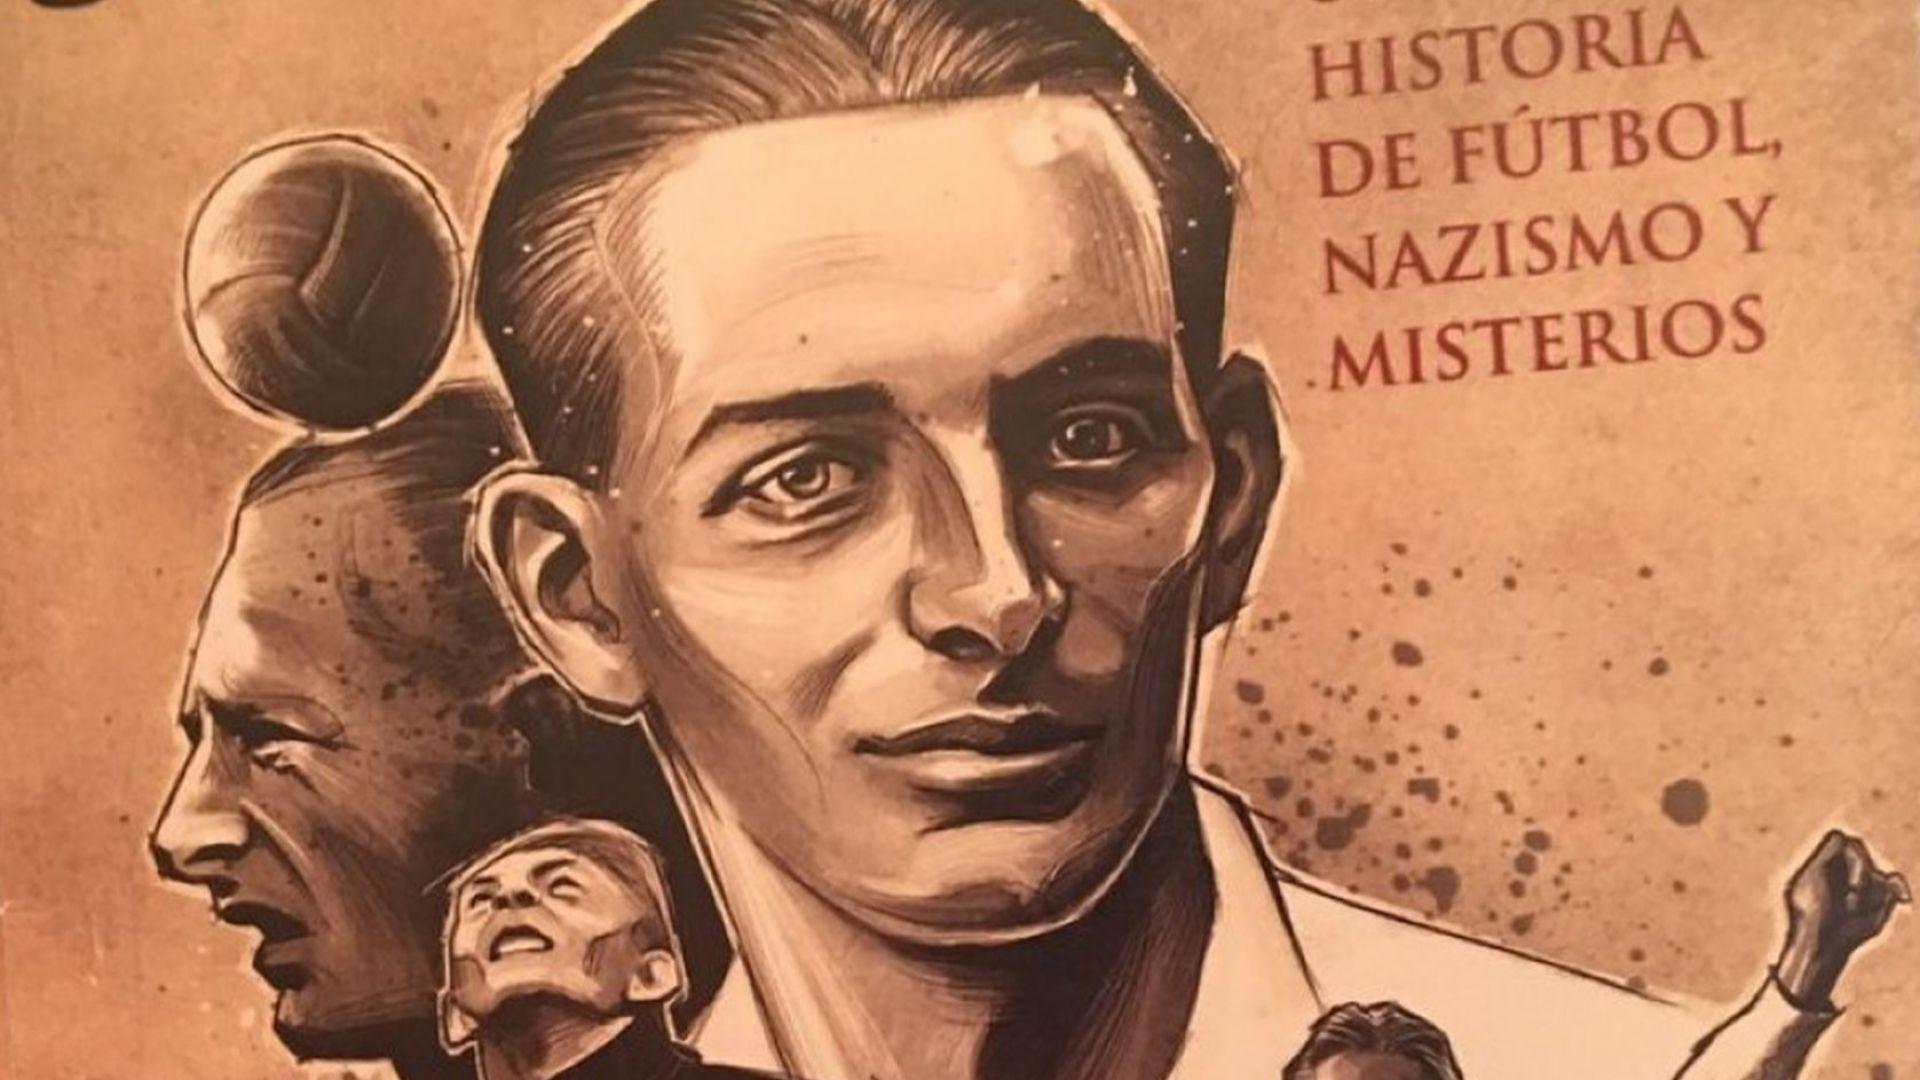 Нацистите ли го убиха? Трагедията и мистерията около Футболния Моцарт